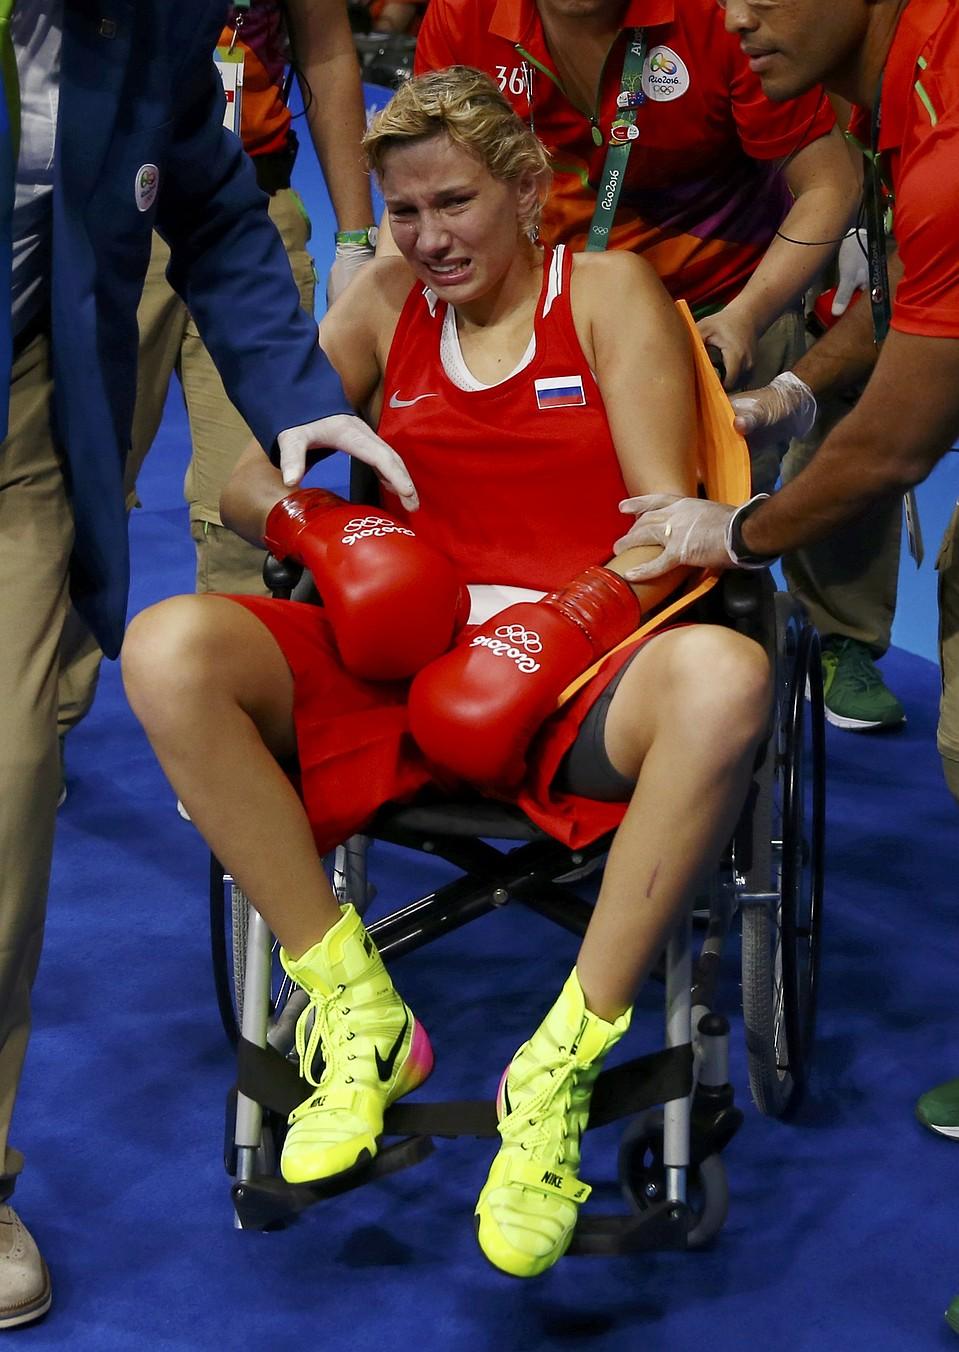 российскую боксершу увезли с ринга фото влюбленные